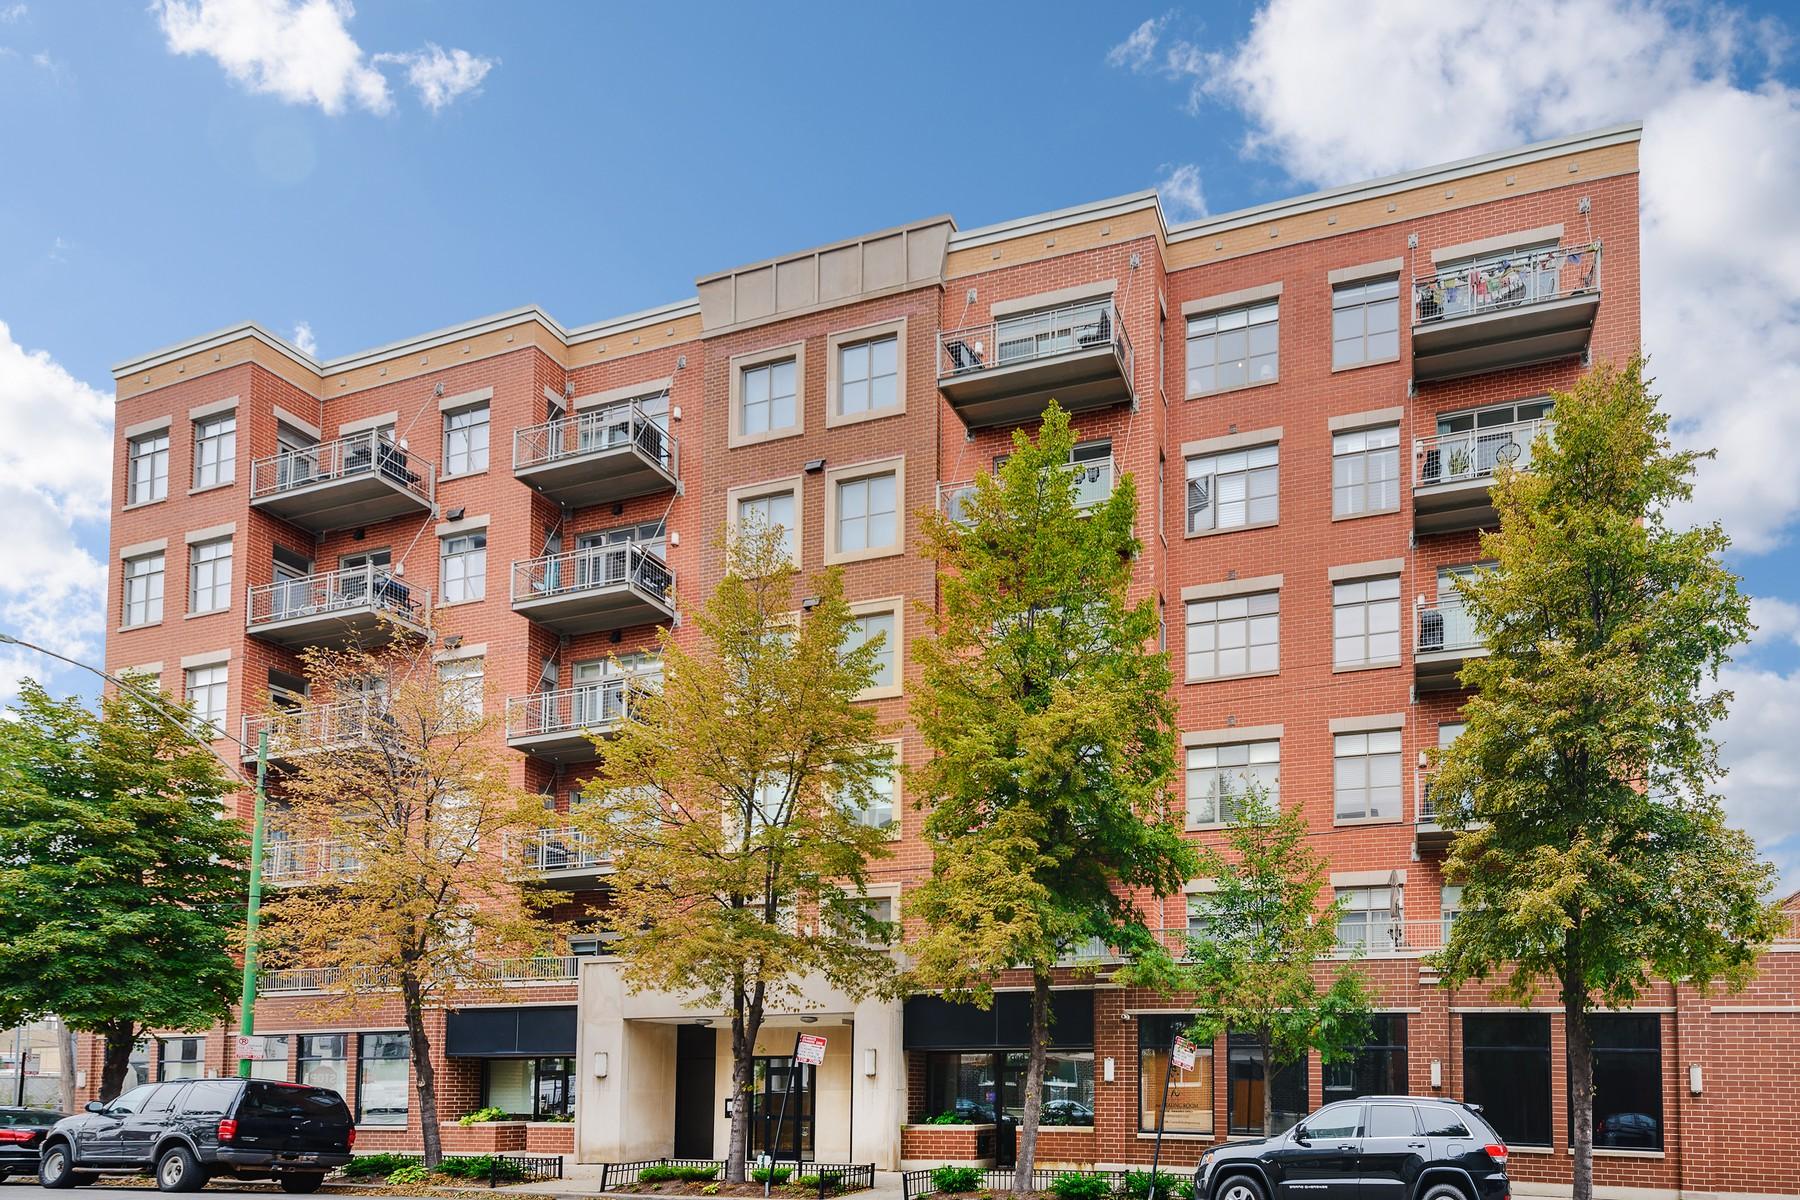 Кондоминиум для того Продажа на Totally Renovated Penthouse Duplex 950 W Huron Street Unit 606, Near North Side, Chicago, Иллинойс, 60642 Соединенные Штаты